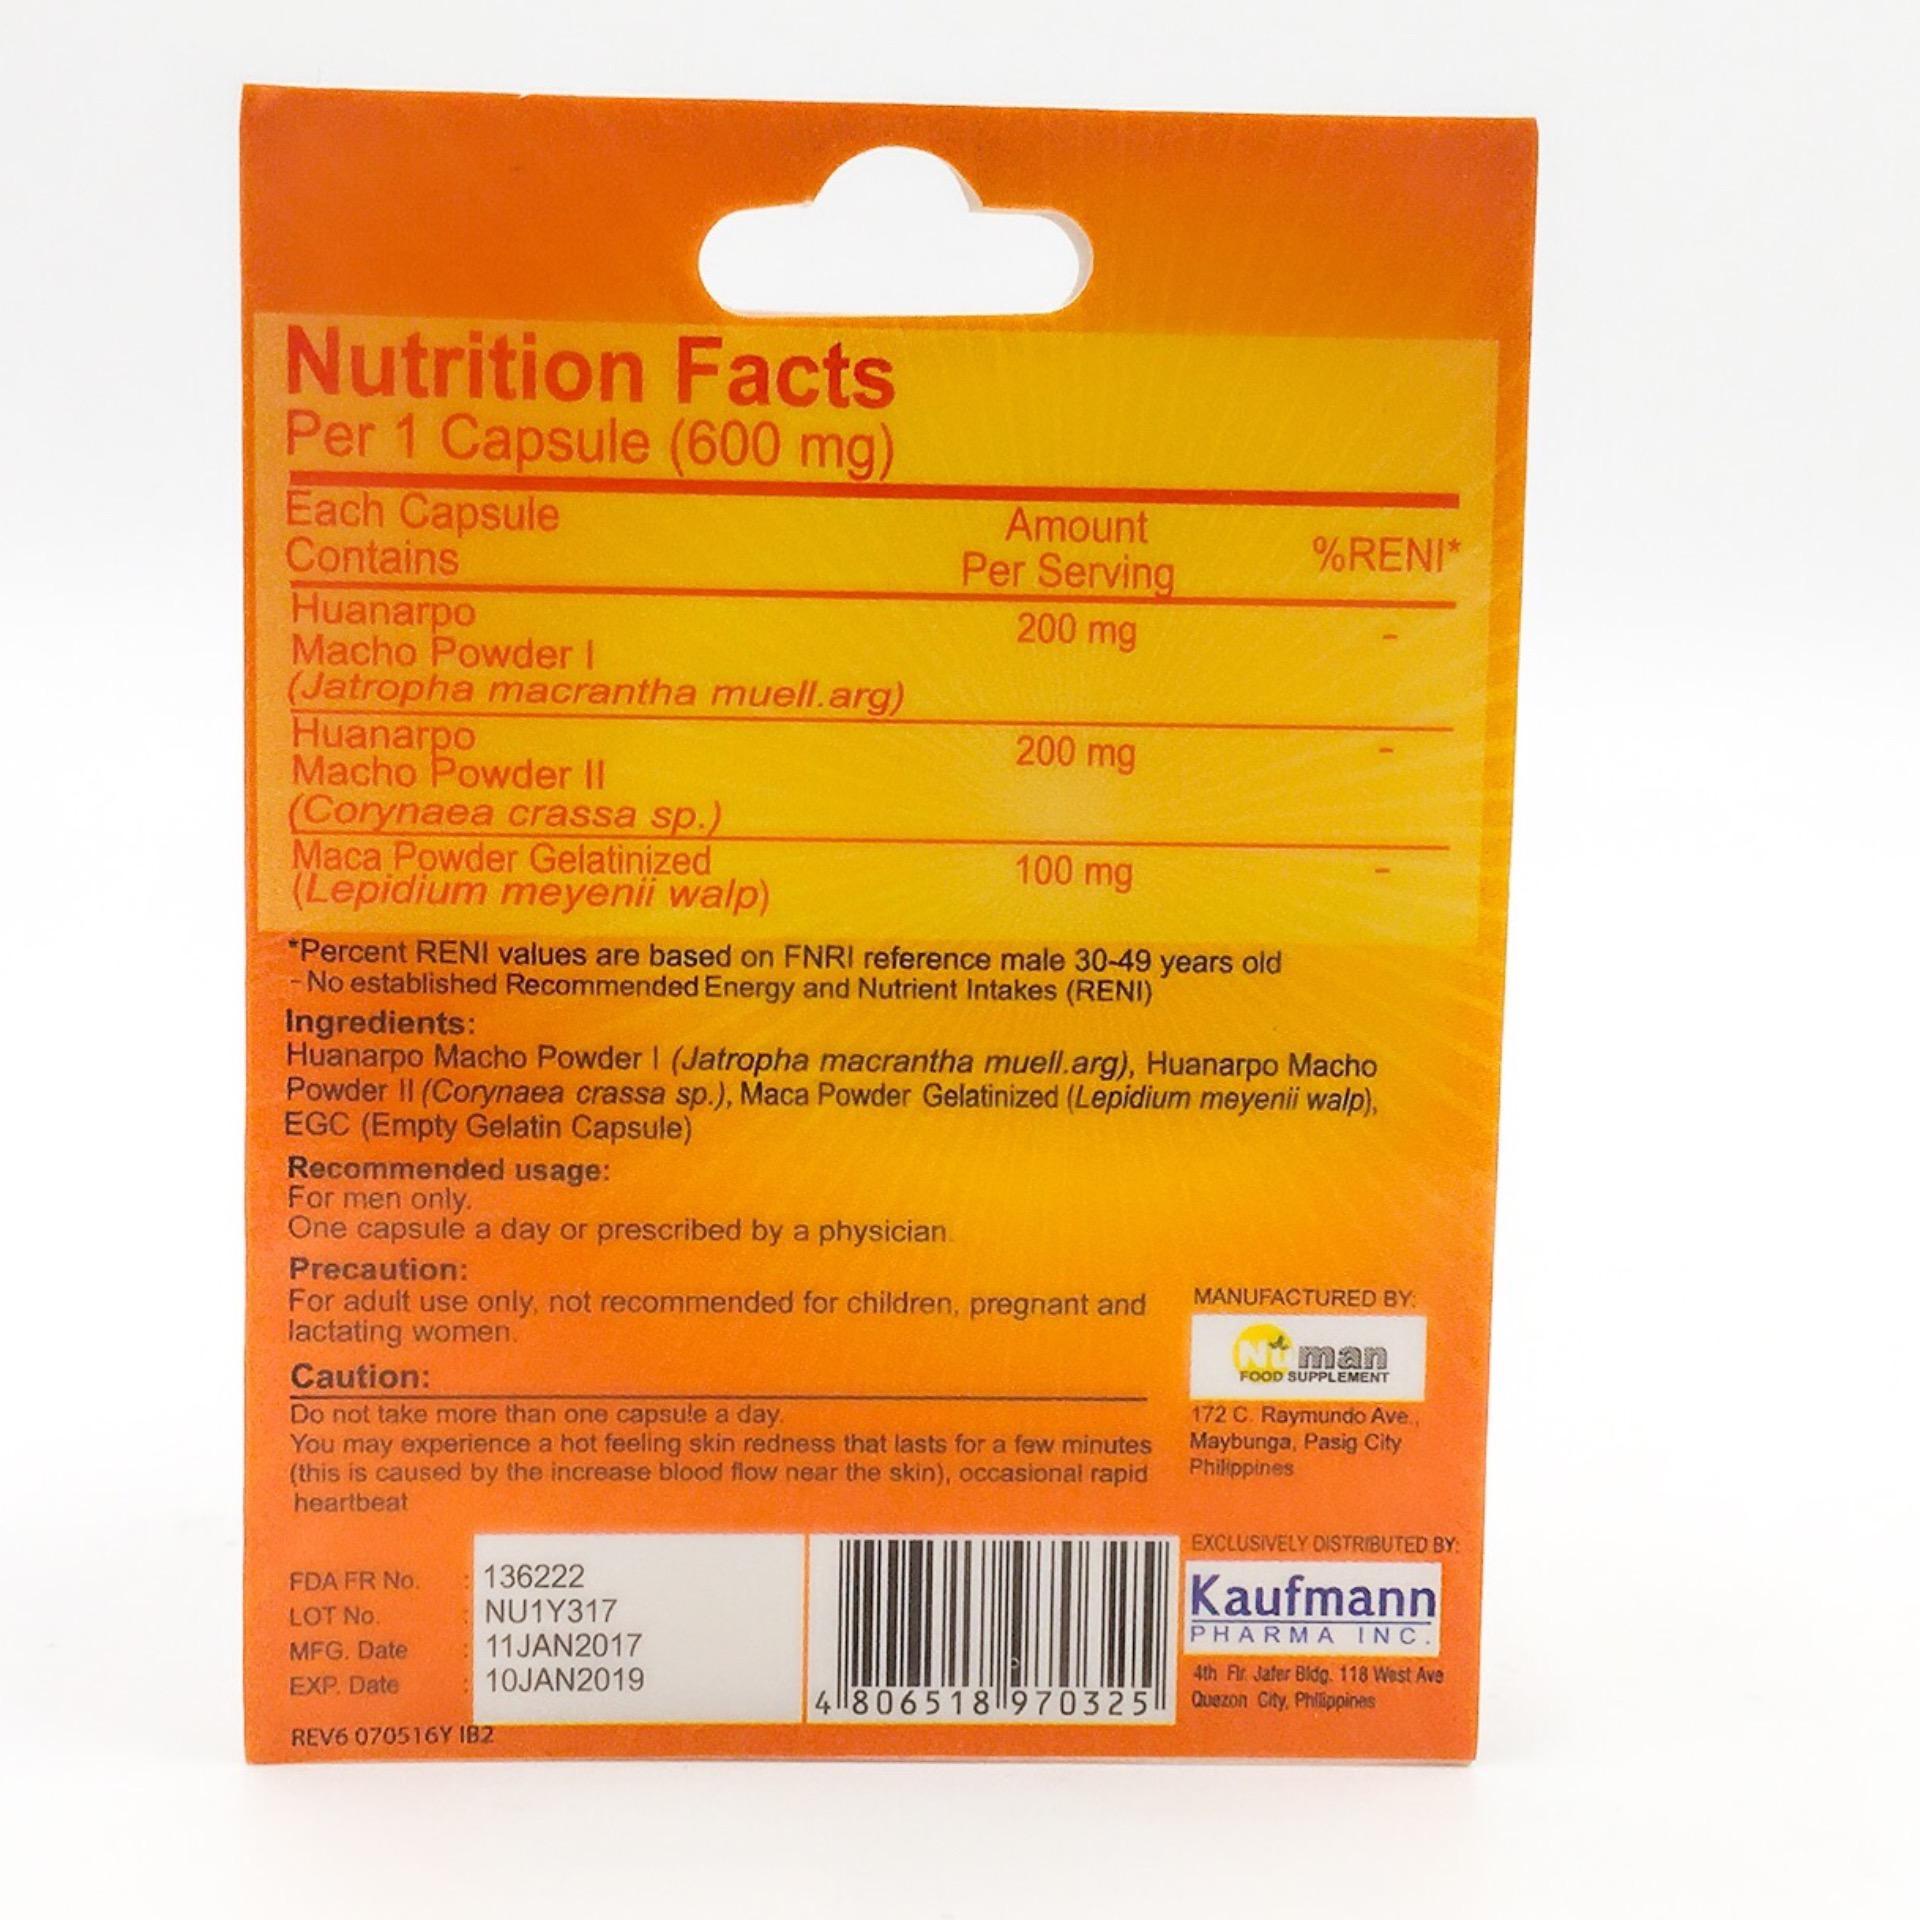 Bravo Food Supplement For men 2 Capsules